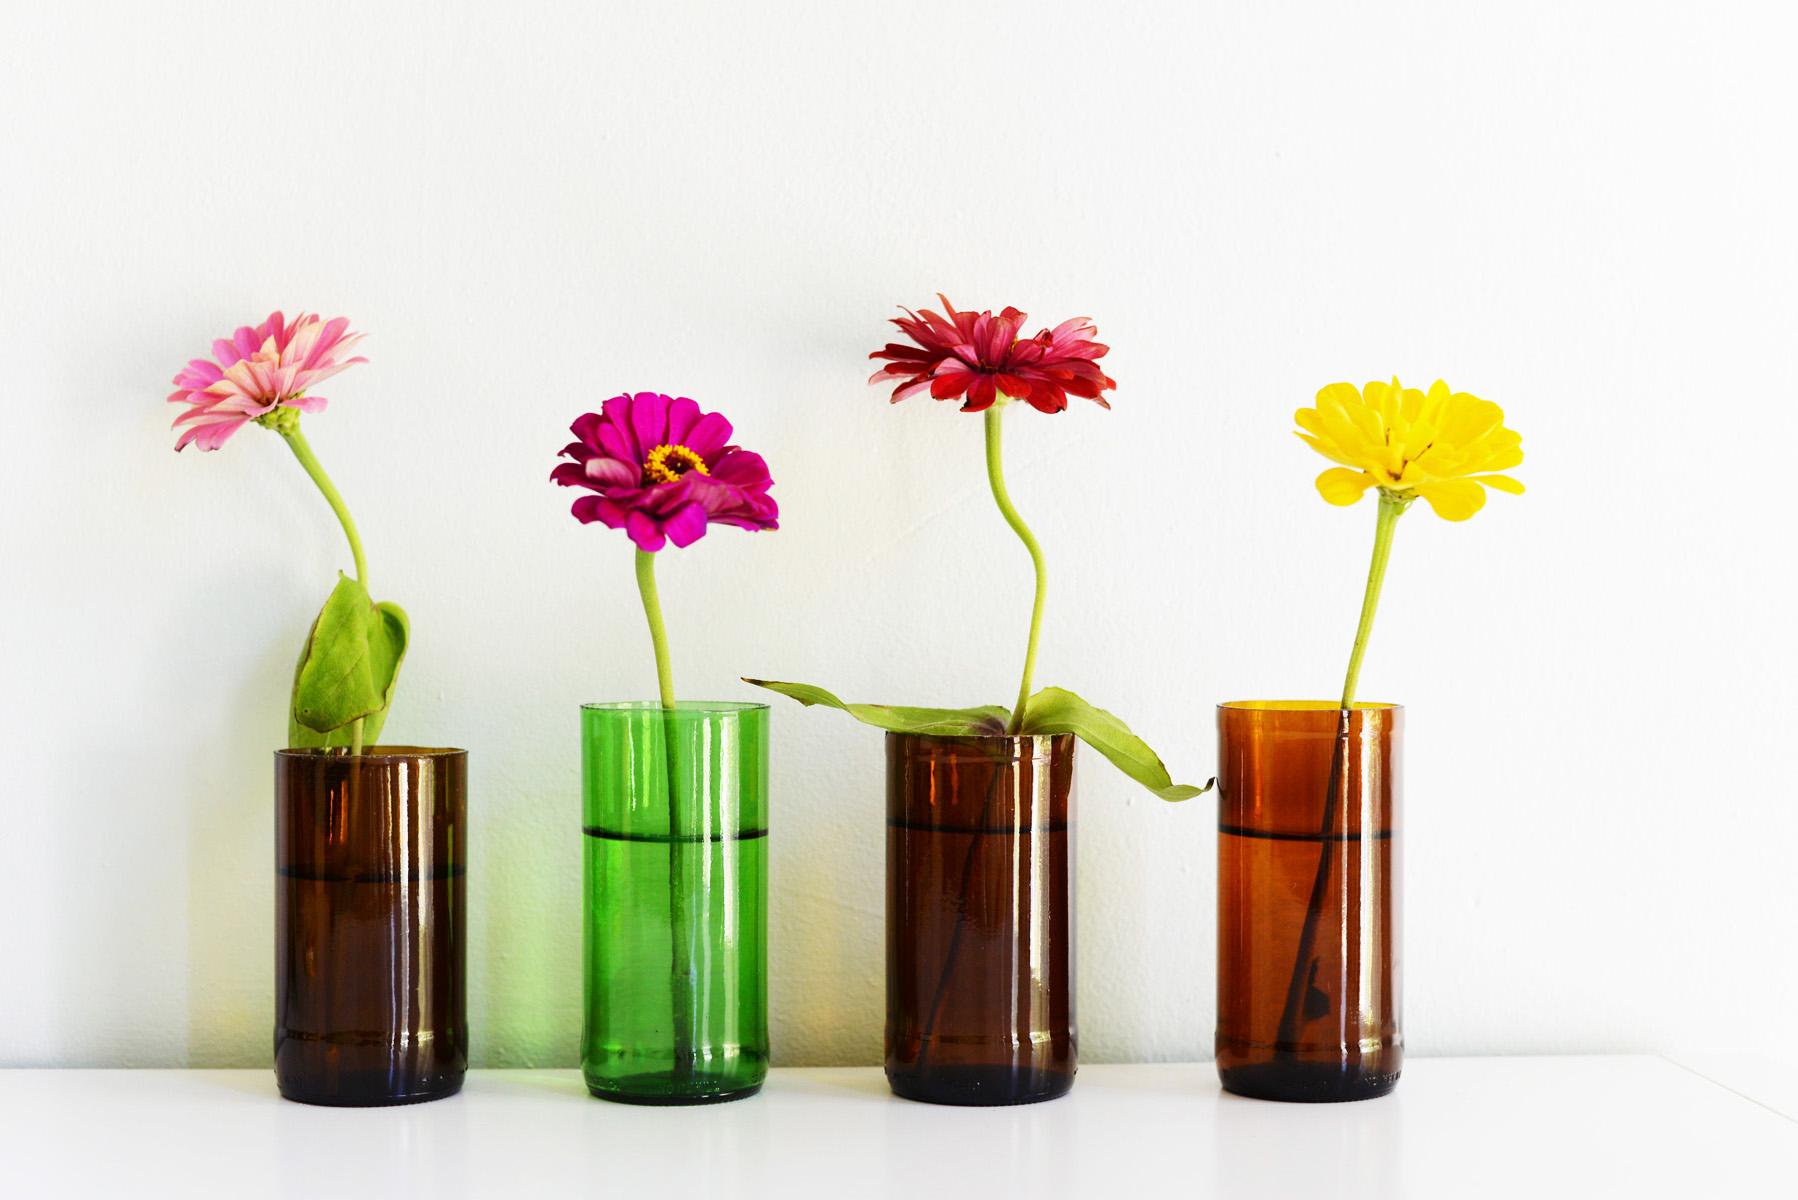 Originali vasi per i fiori realizzati con bottiglie di vetro